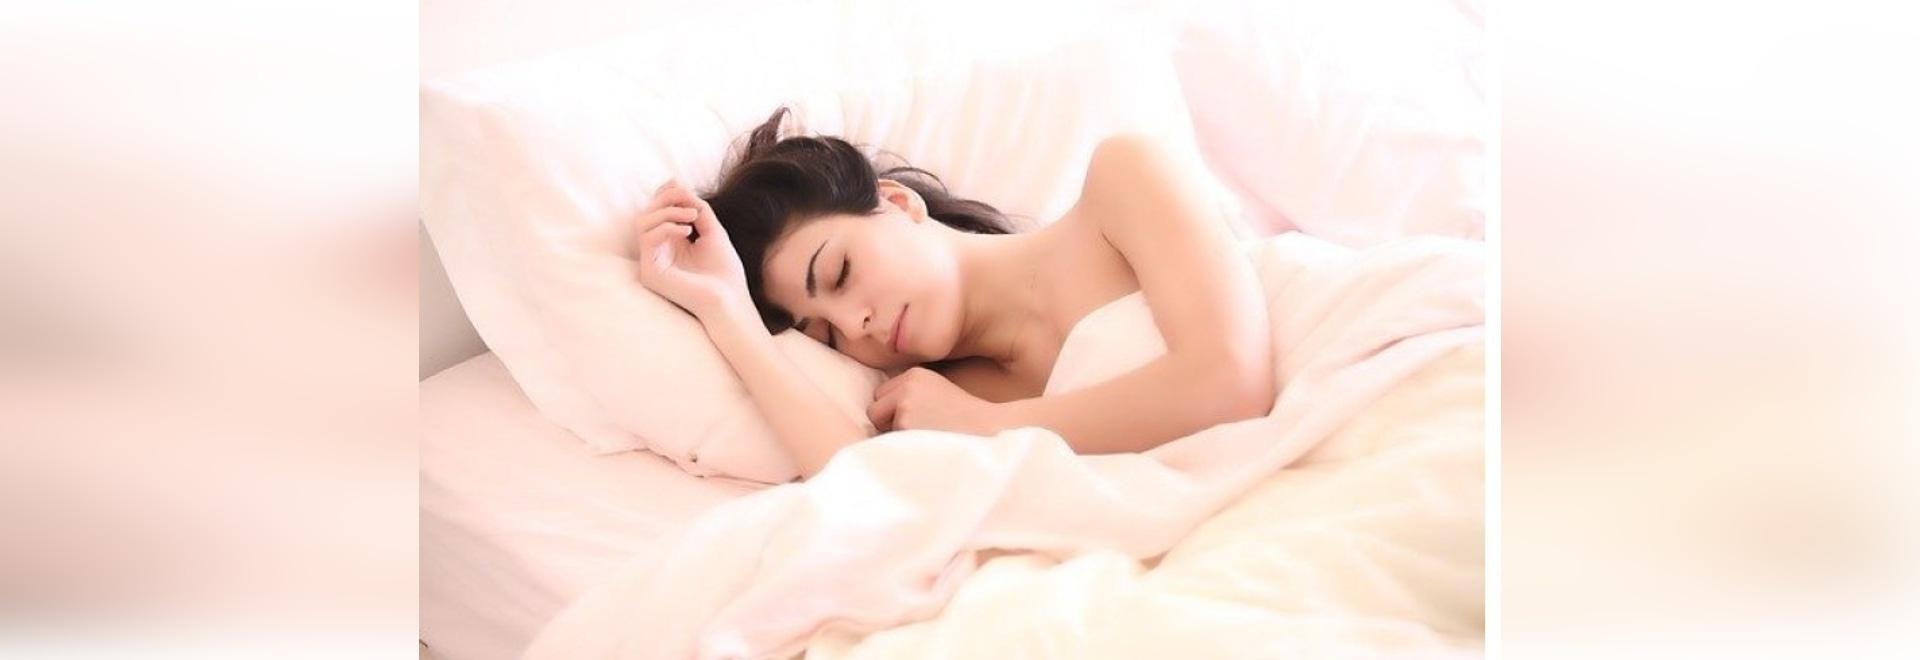 Le sommeil profond nettoie votre cerveau, les scientifiques découvrent